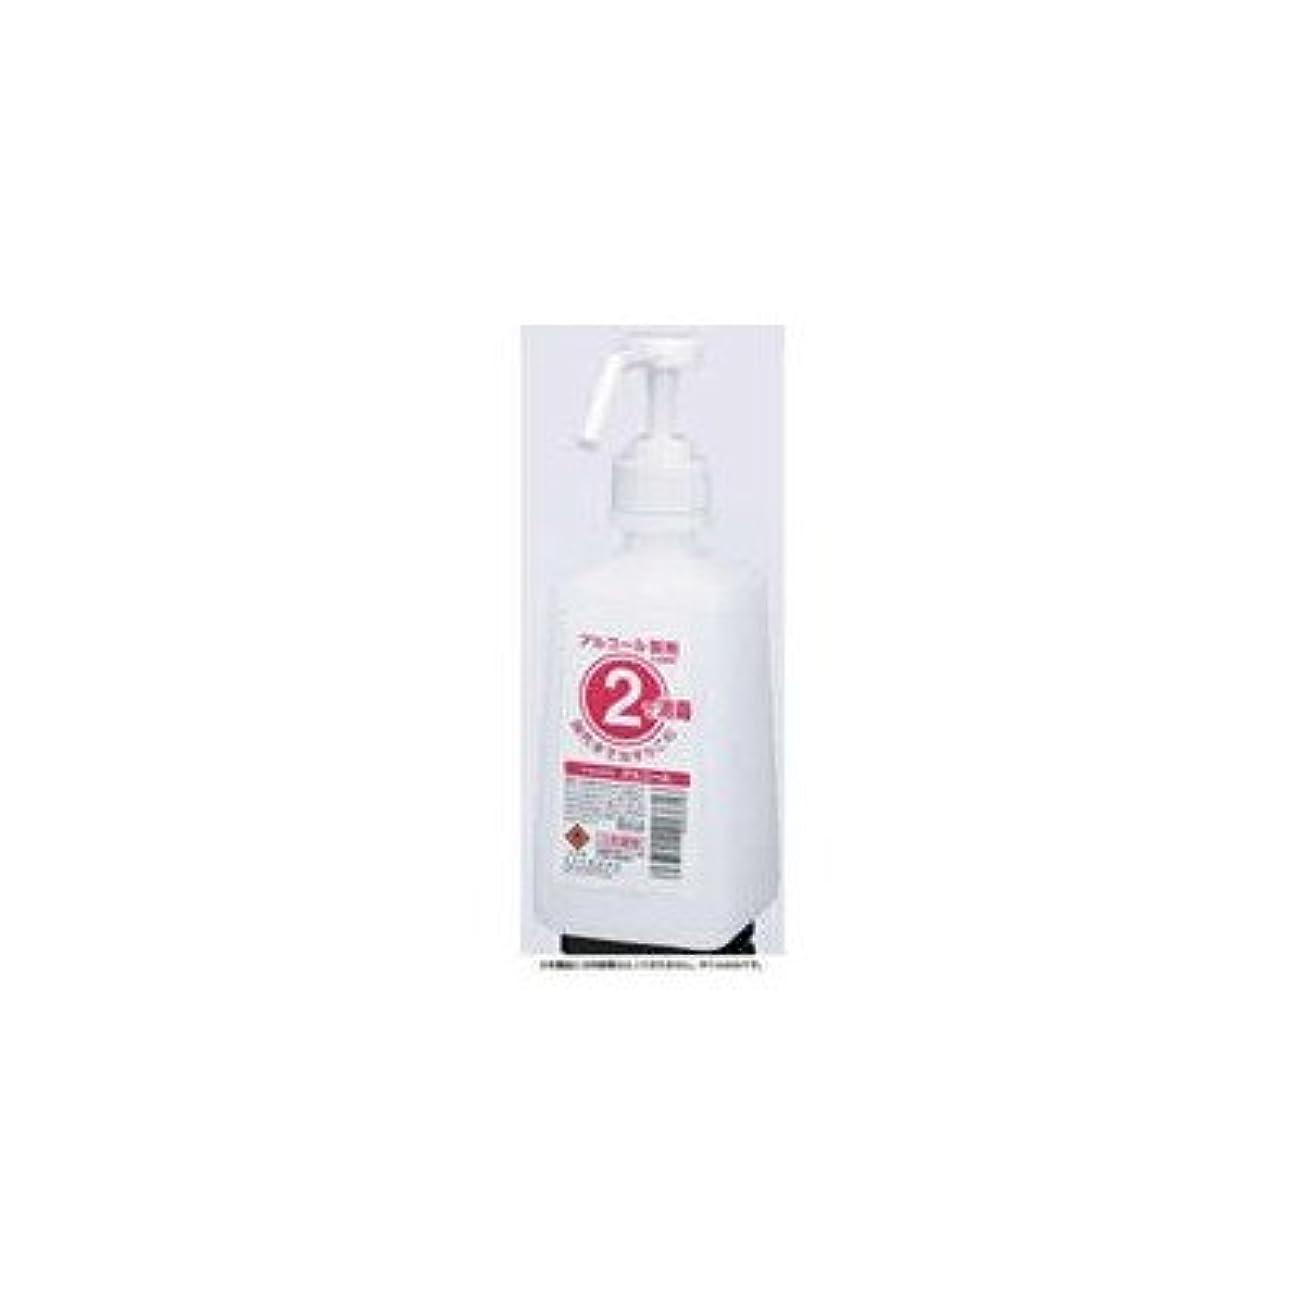 ライトニング剥ぎ取るエロチックアルコール消毒用2ボトル 1Lタイプ サラヤ 2ボトル 噴射ポンプ付 手指消毒剤用 薬液詰替容器 500ml×12本